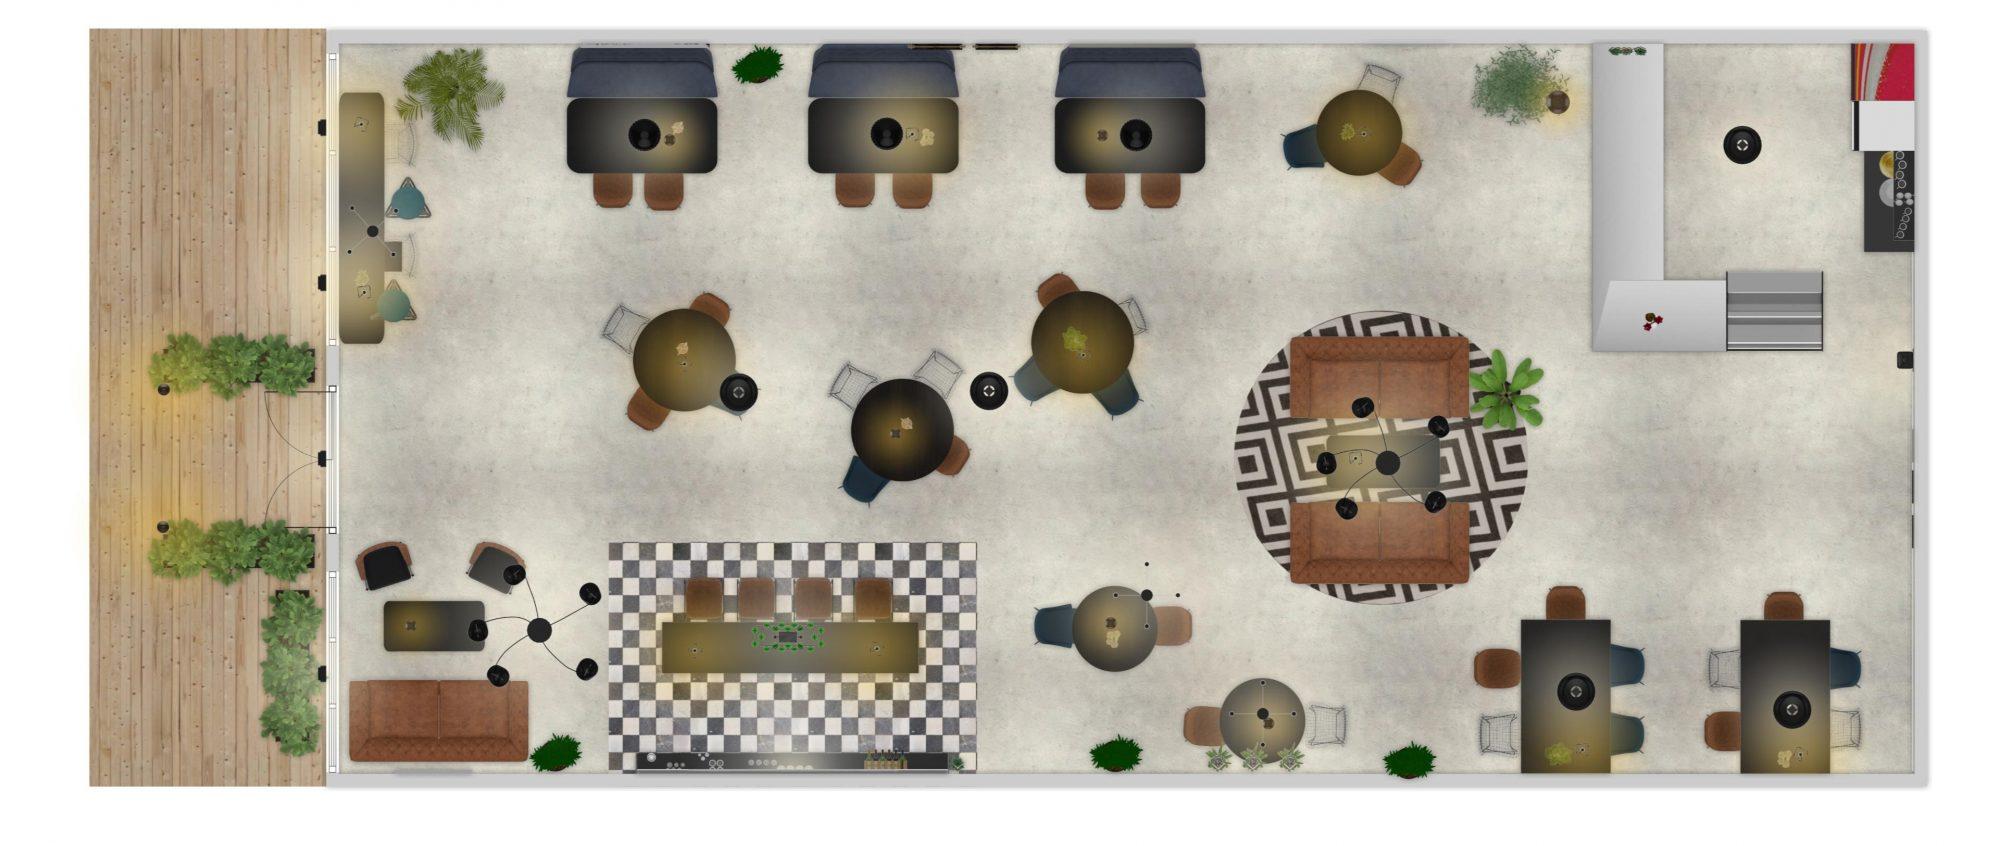 lunchroom-2D-floorplanner-crop